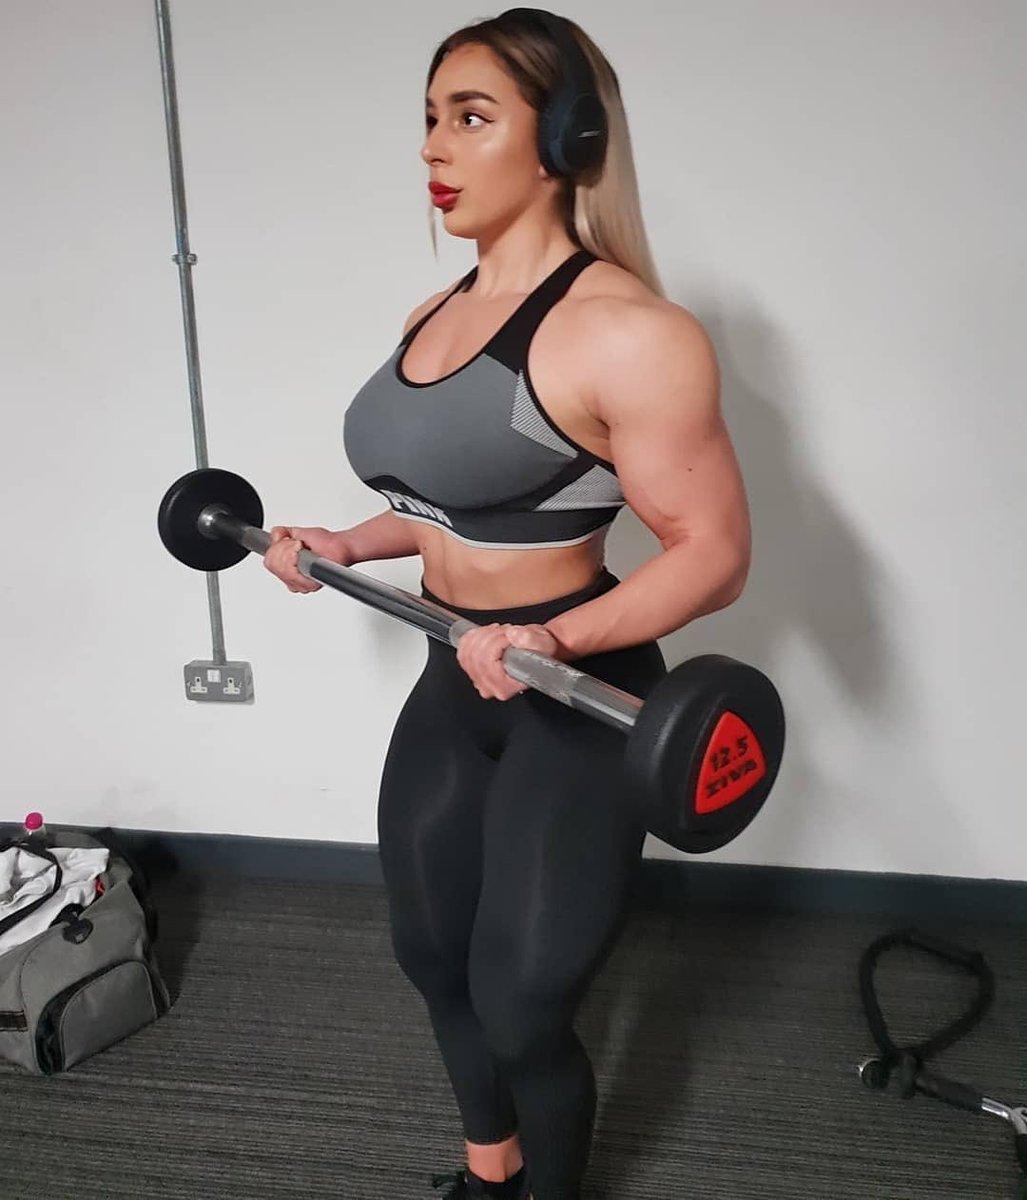 Kiera Jaston